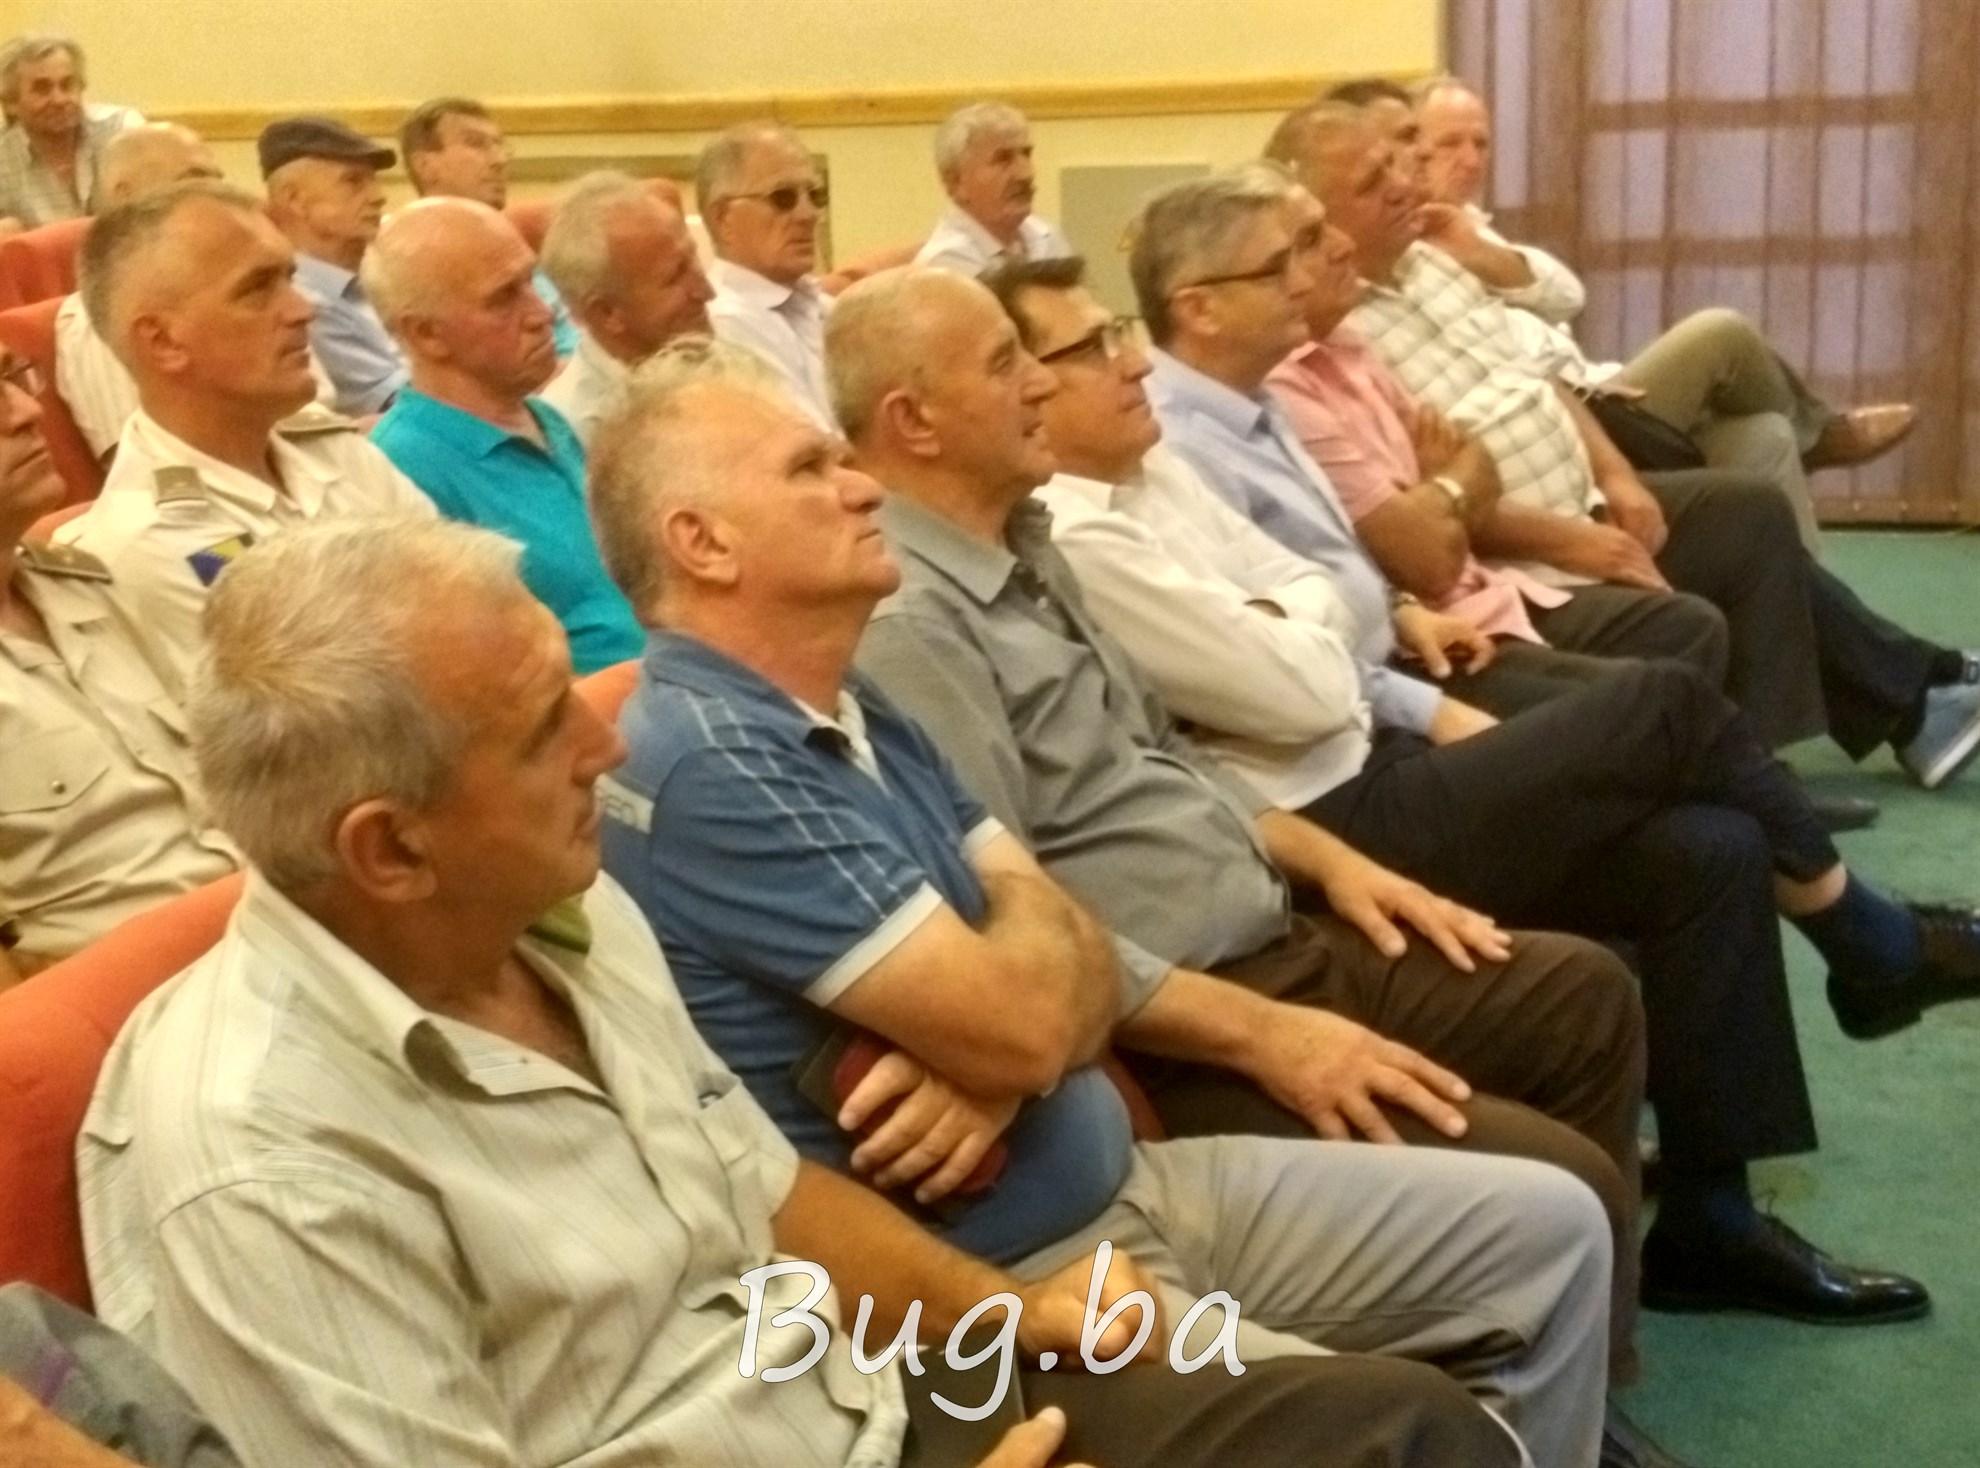 Livno: Obilježena godišnjica osnivanja Patriotske lige Livno